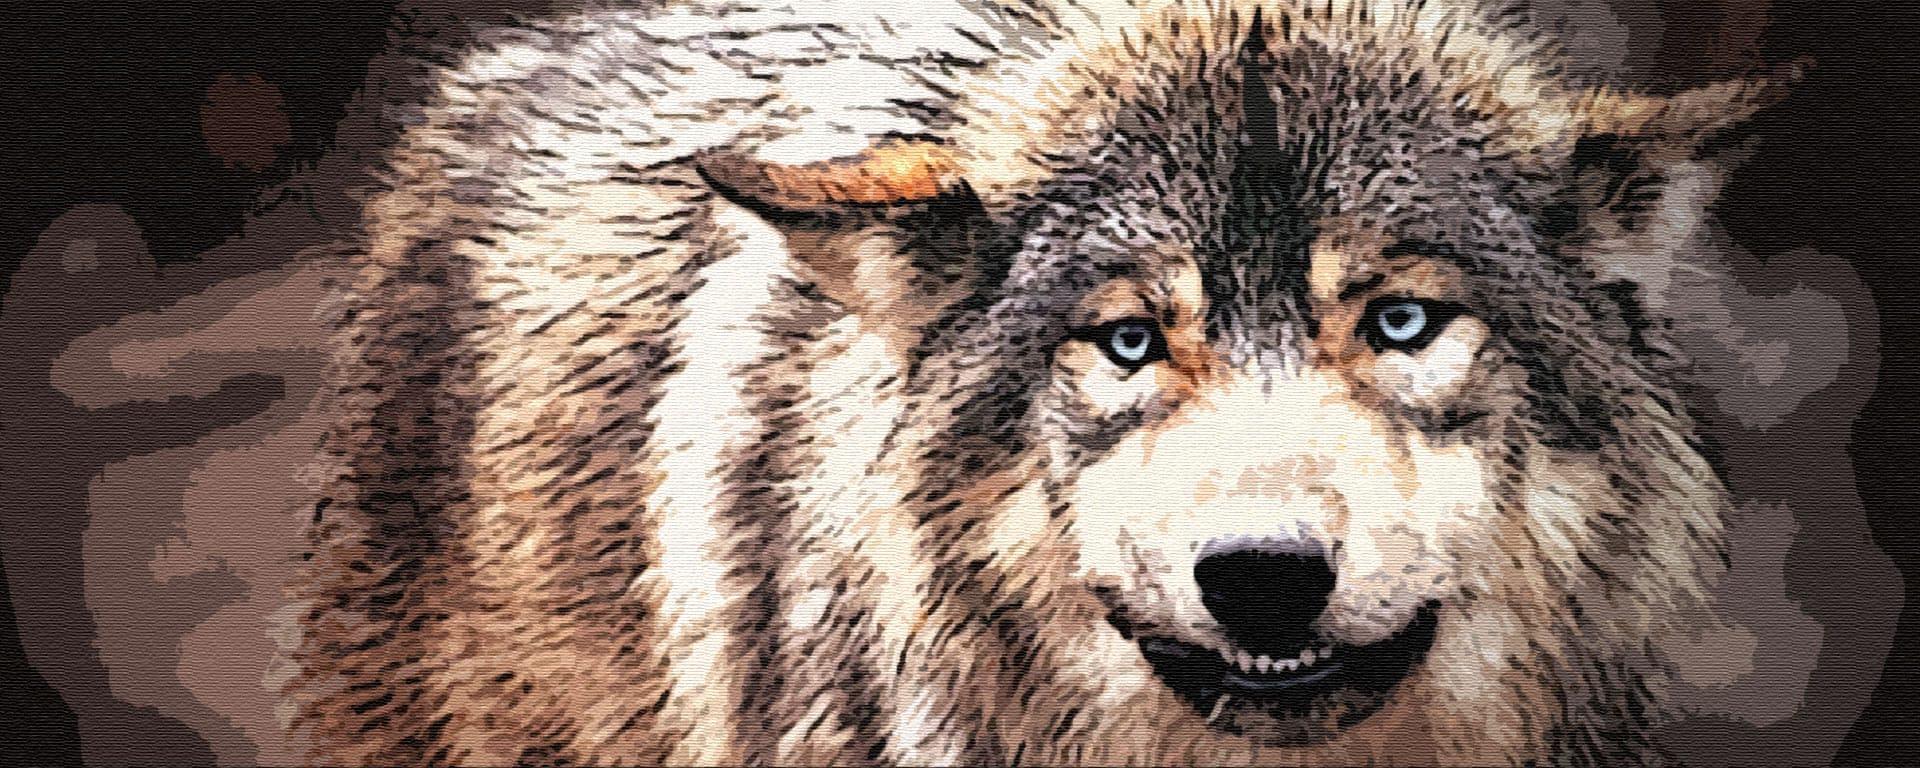 Приключения голодного волка